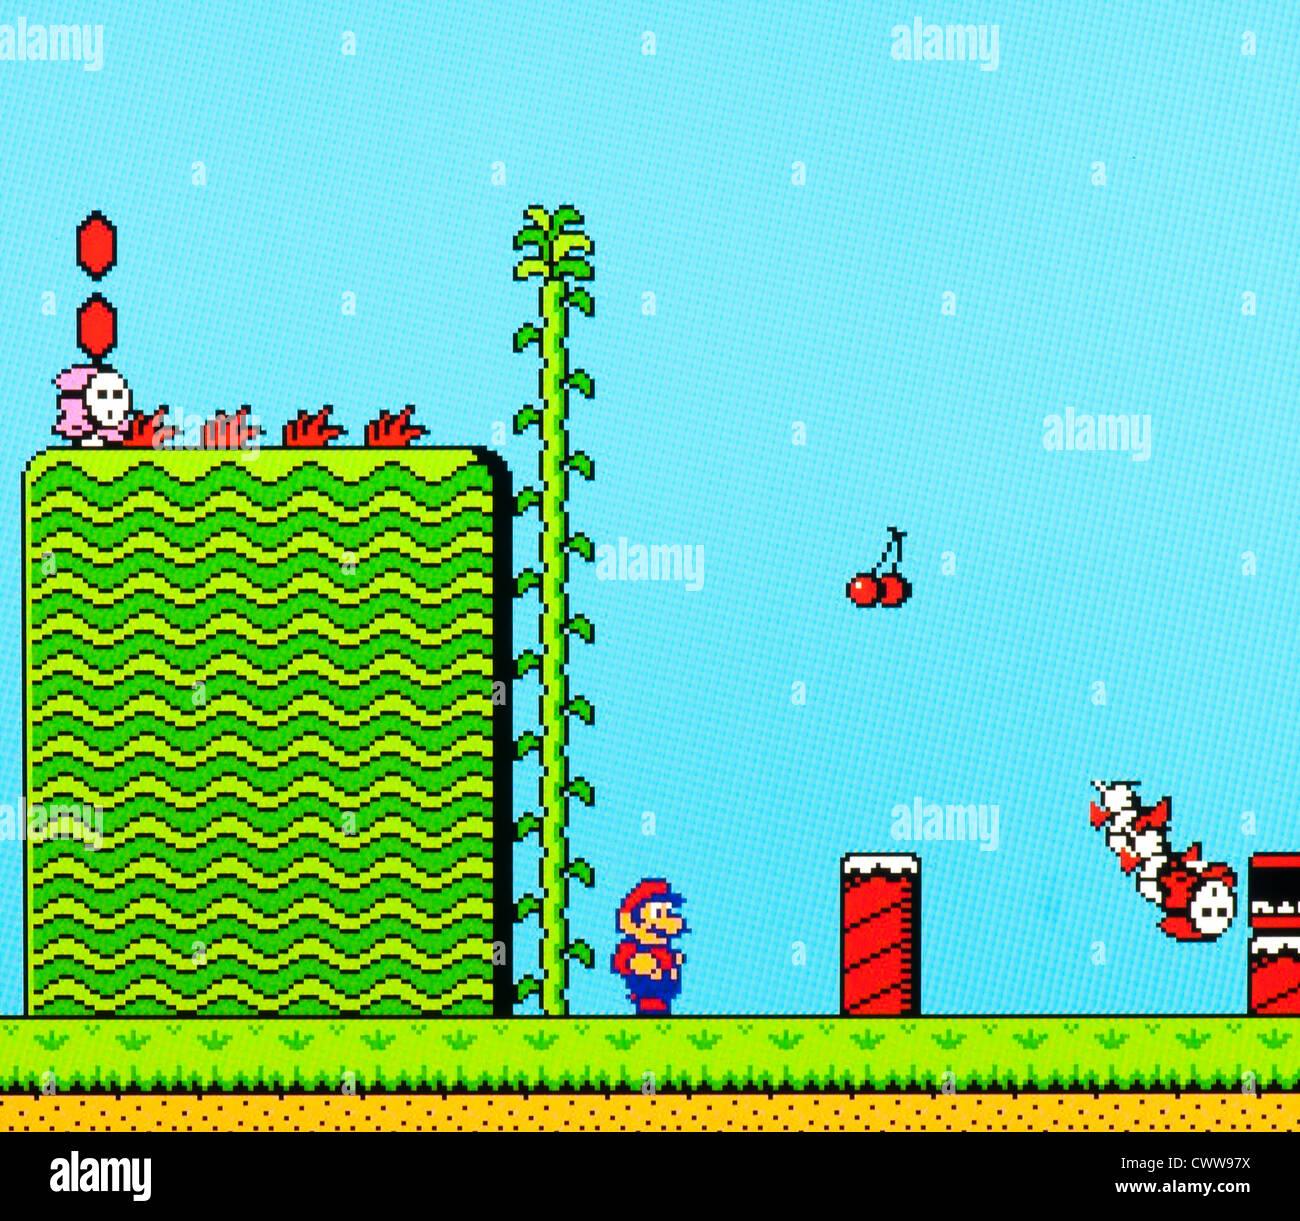 Super Mario jeu vidéo - tuant les méchants dans monde 1 Photo Stock